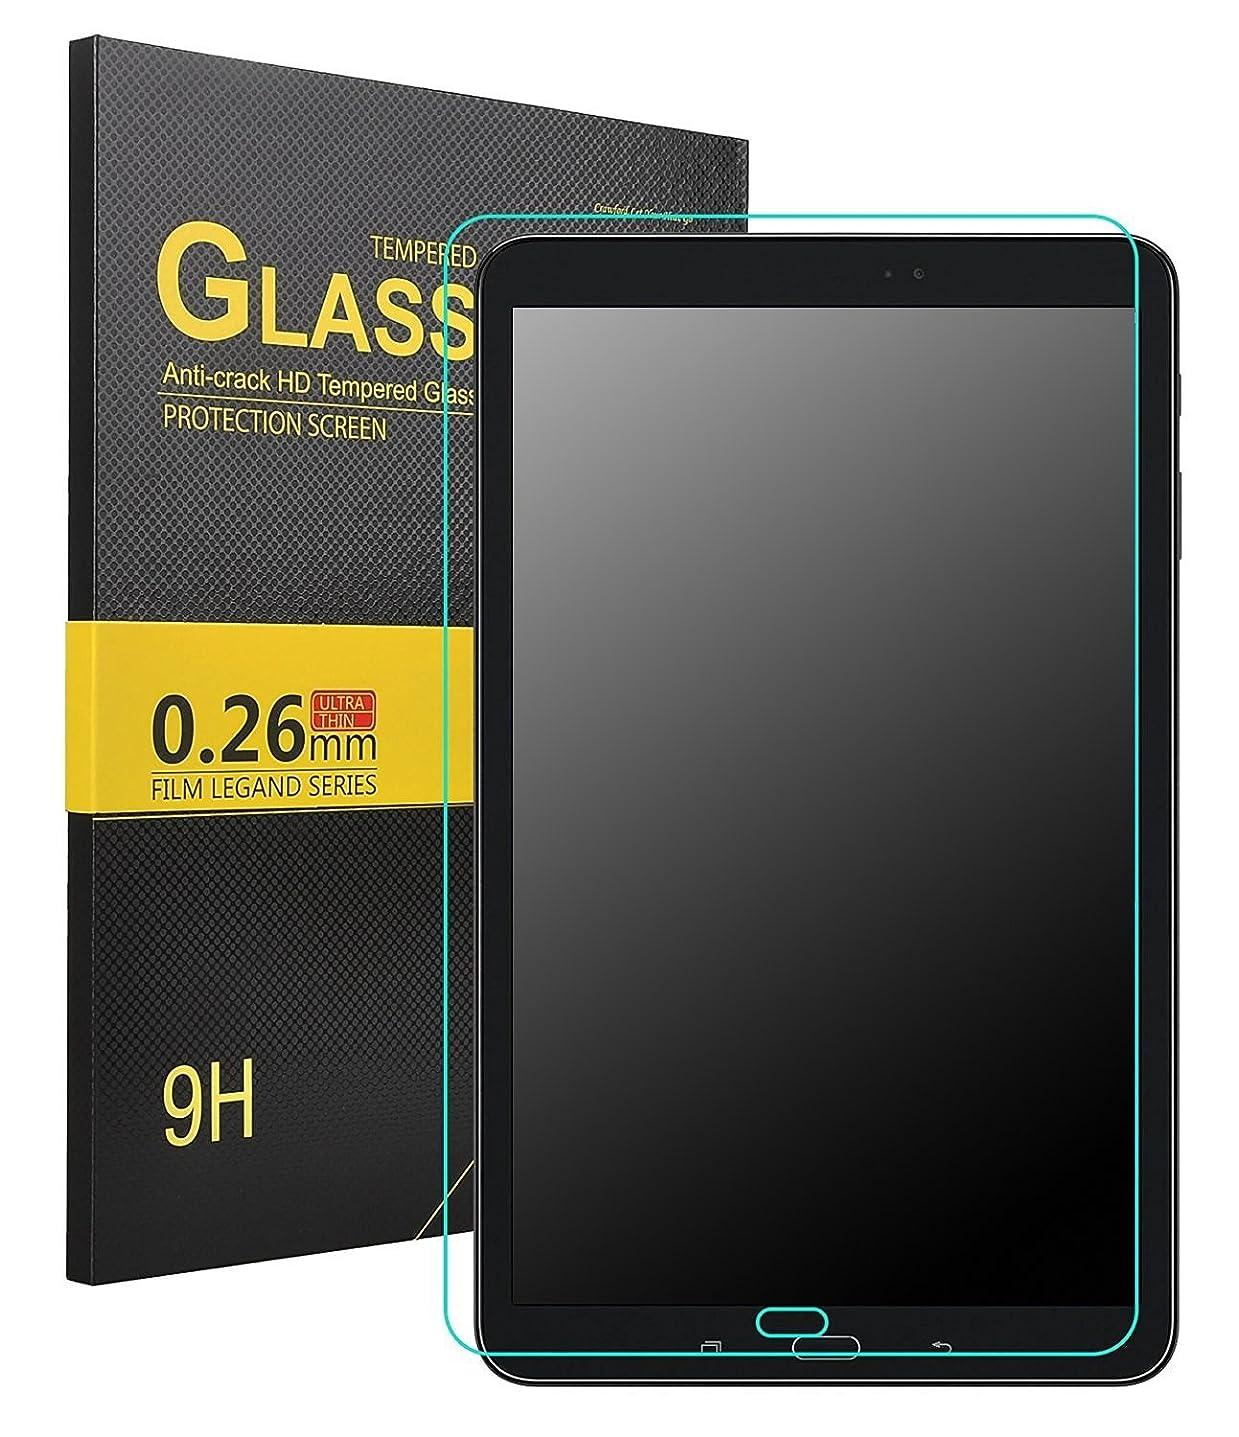 平らにする申請中アレルギー性【IVSO】Huawei MediaPad T2 8.0 Pro ガラスフィルム, Huawei MediaPad T2 8.0 Pro 液晶保護フィルム 強化ガラス?耐指紋、撥油性 表面硬度9H 厚み2.5D 高透過率液晶保護フィルム 反射低減タイプ 光沢表面仕様 画面保護&指紋防止シート - Huawei Honor Tablet 2 専用ガラスフィルム 液晶保護フィルム